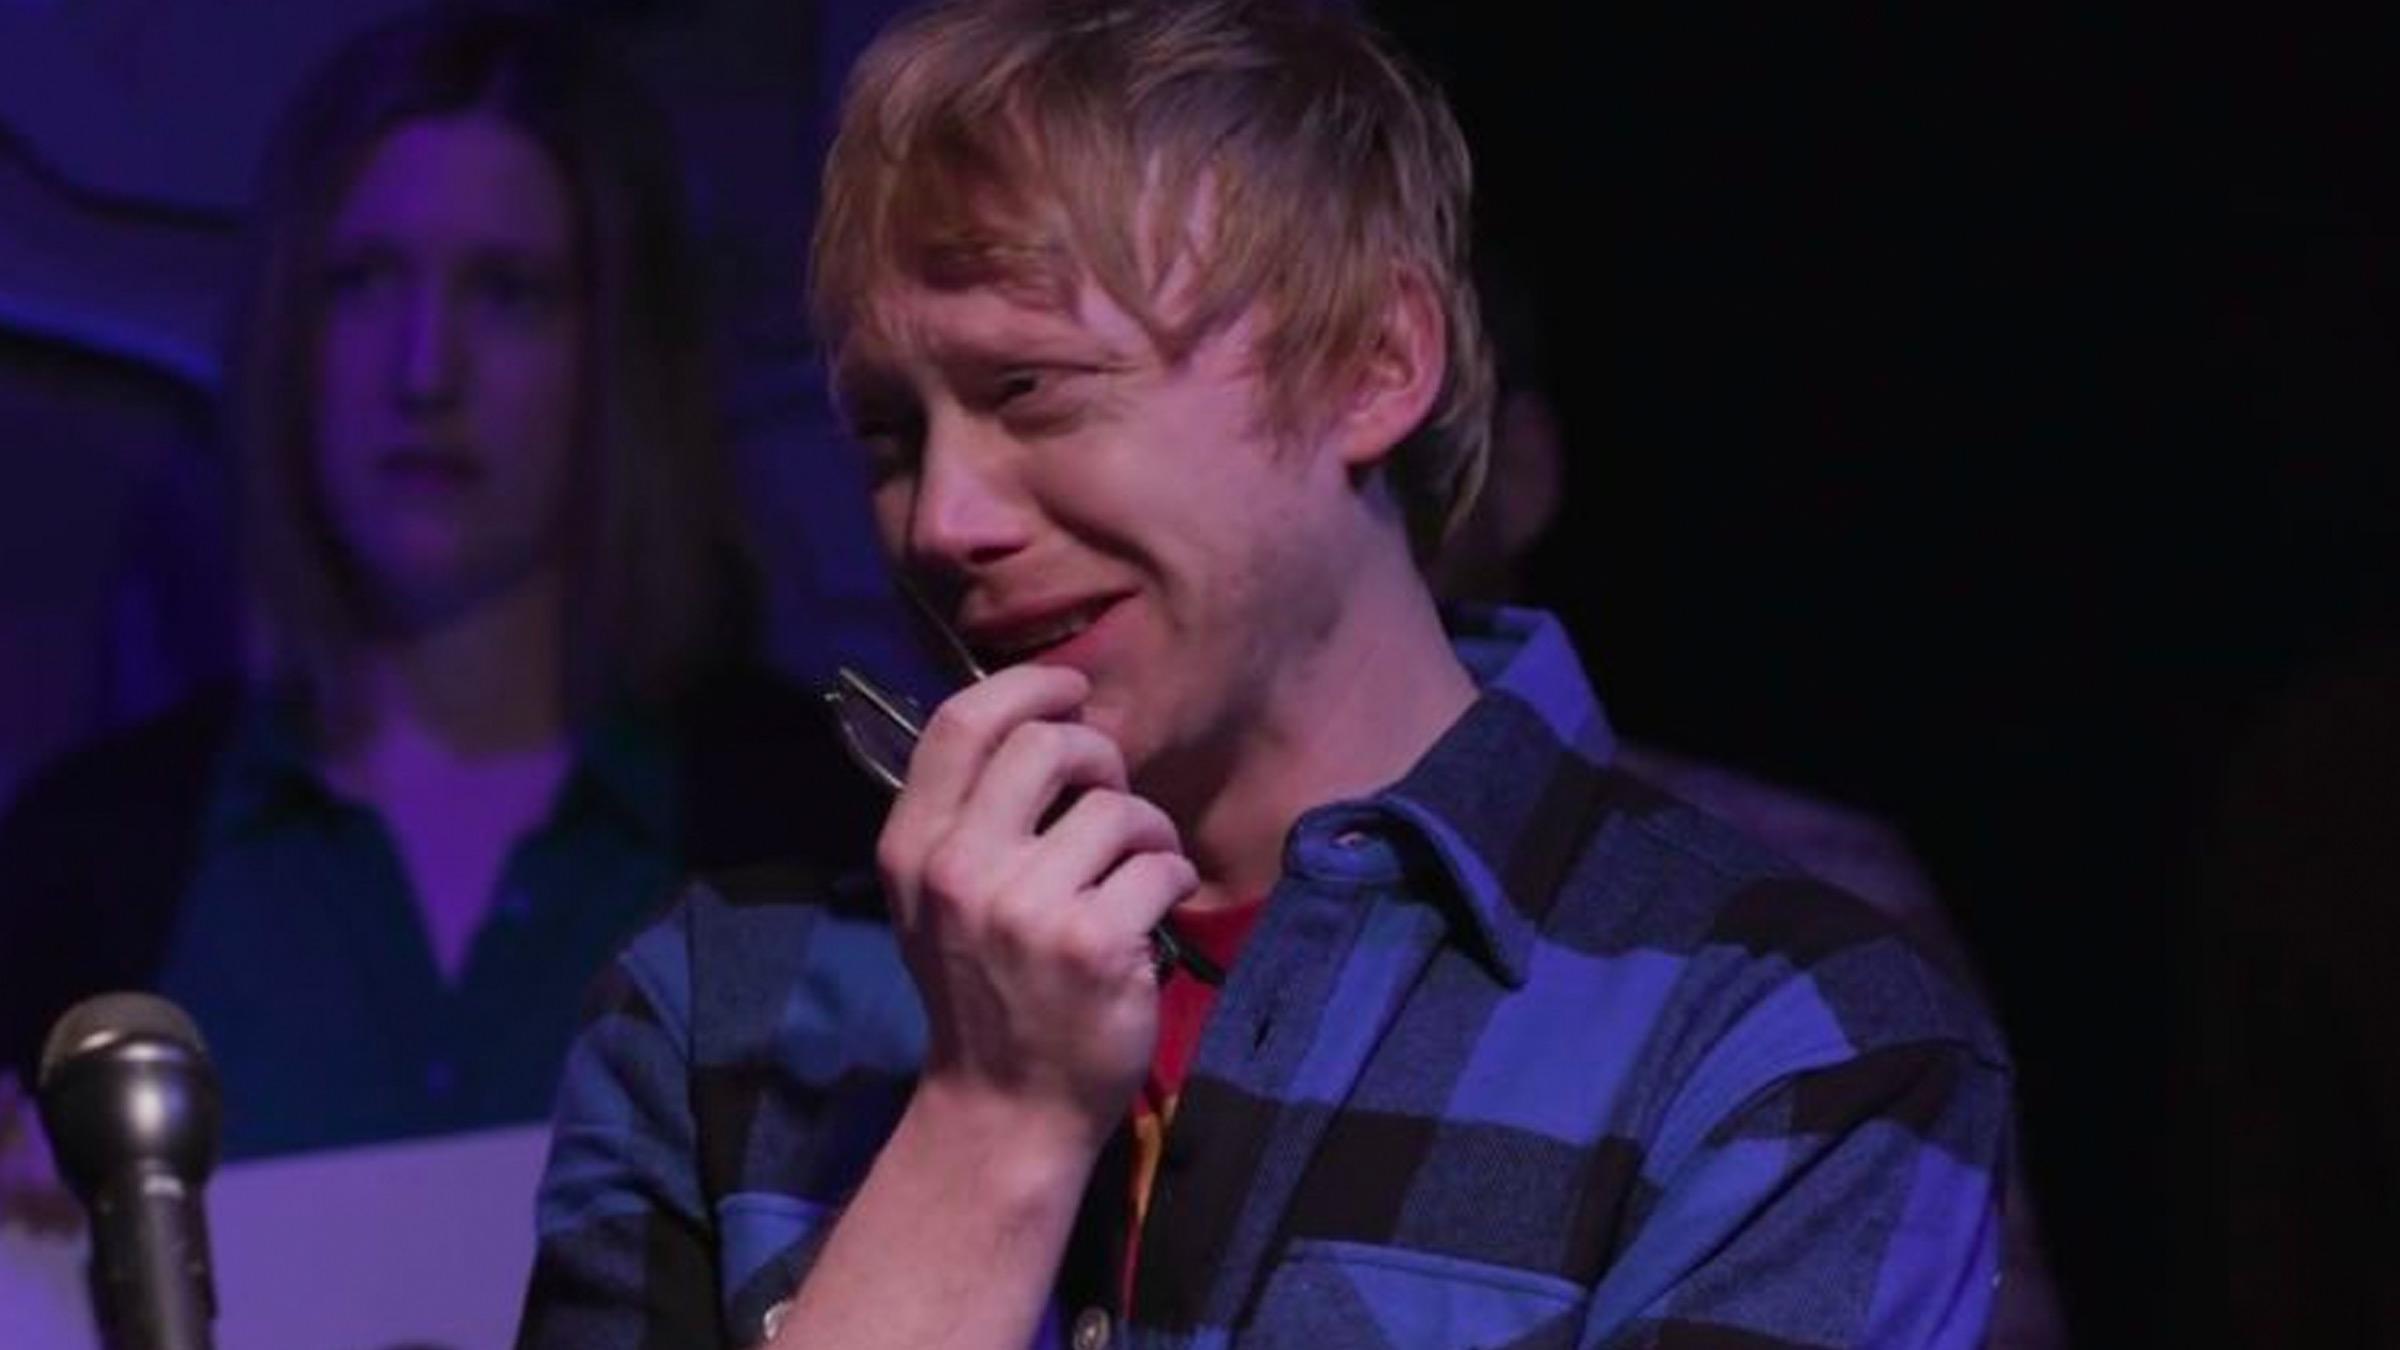 Rupert ed teaser